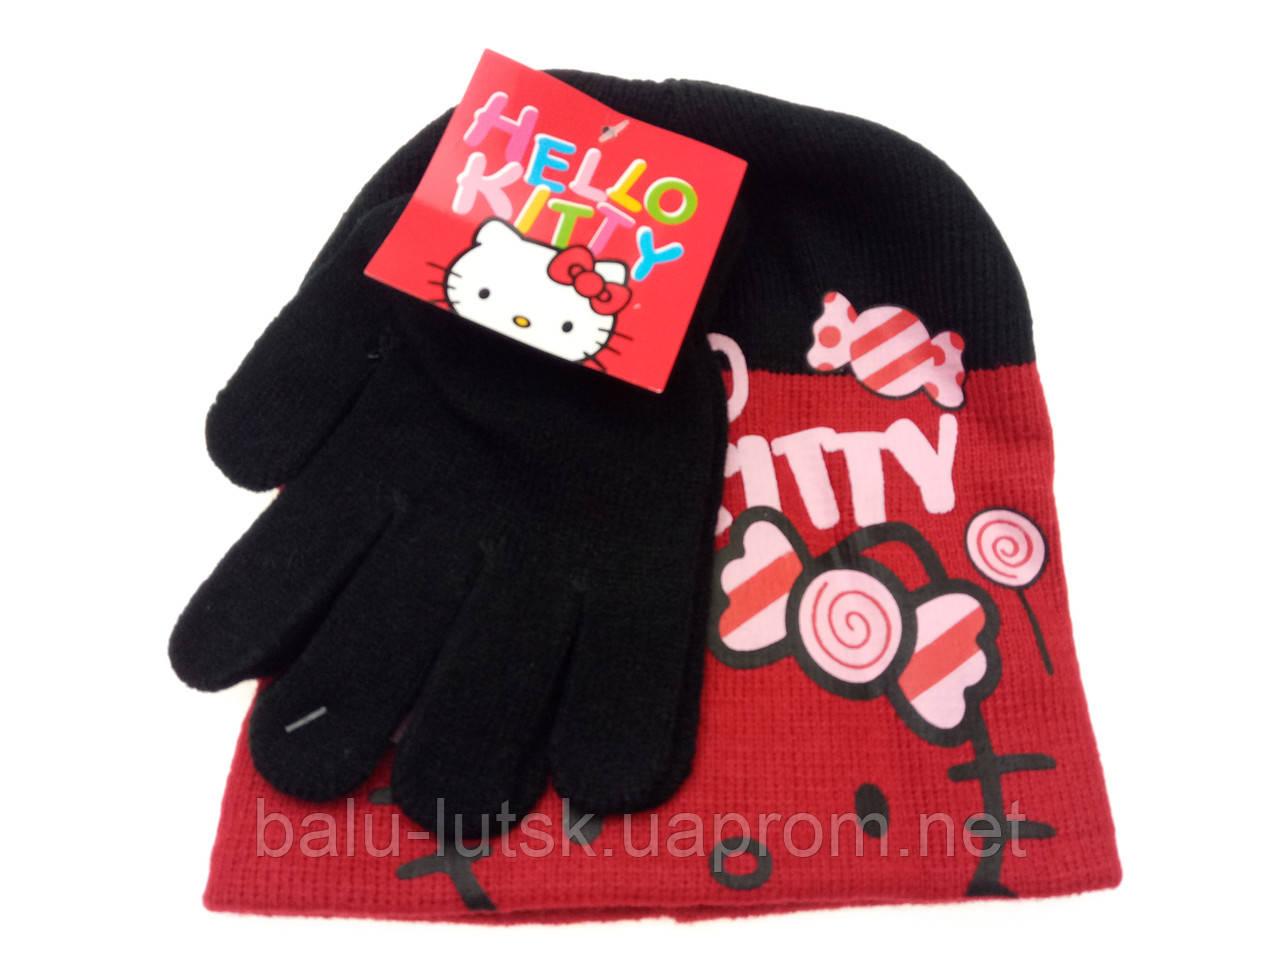 Детский набор шапка+перчатки - Интернет-магазин